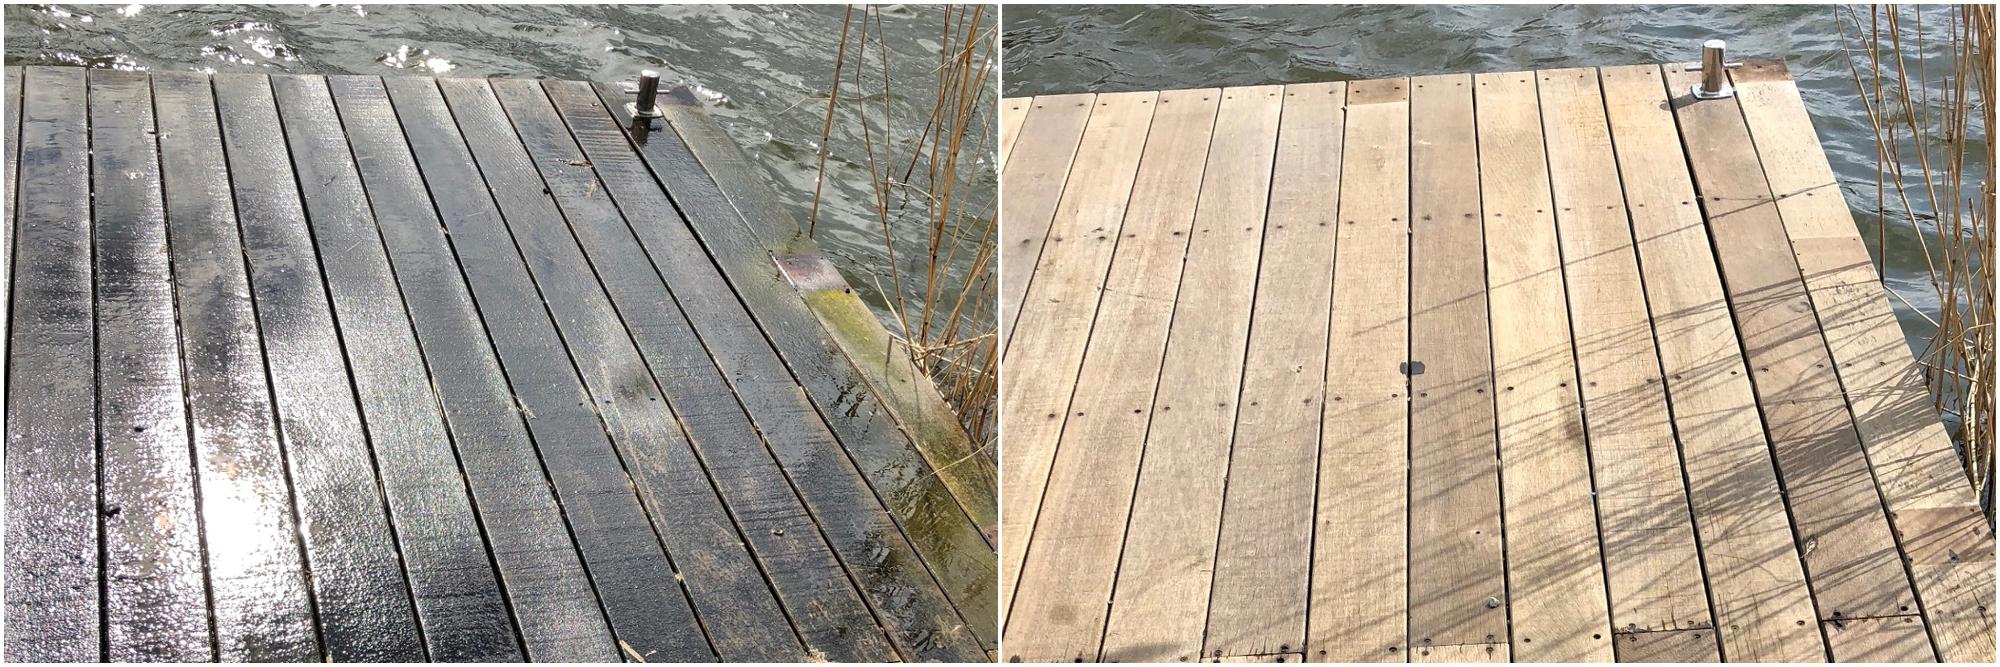 Planken side by side.jpg